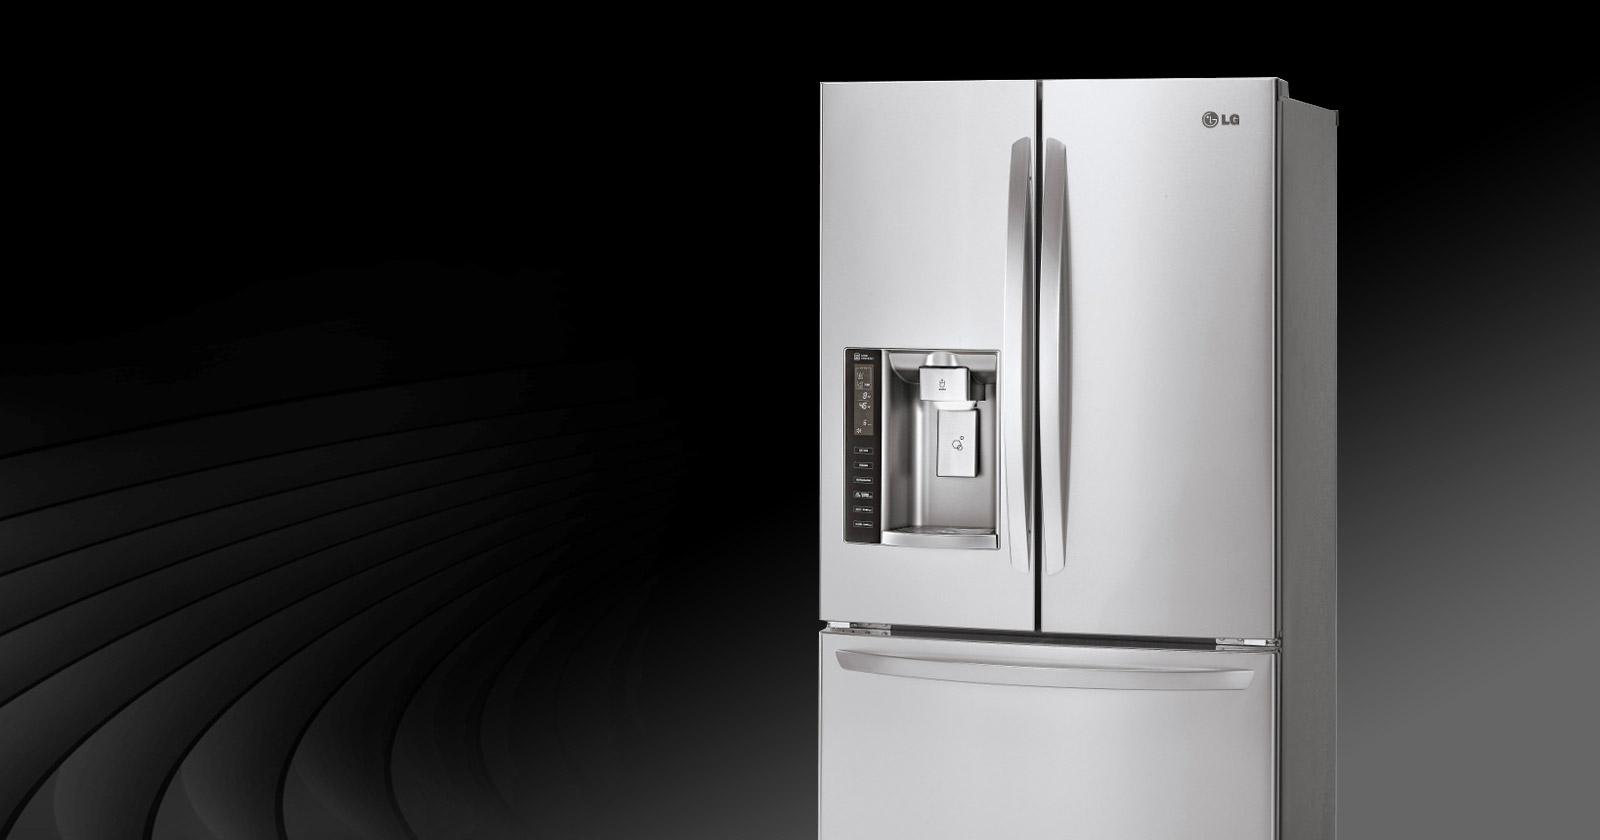 Comprar un refrigerador nunca fue tan fácil